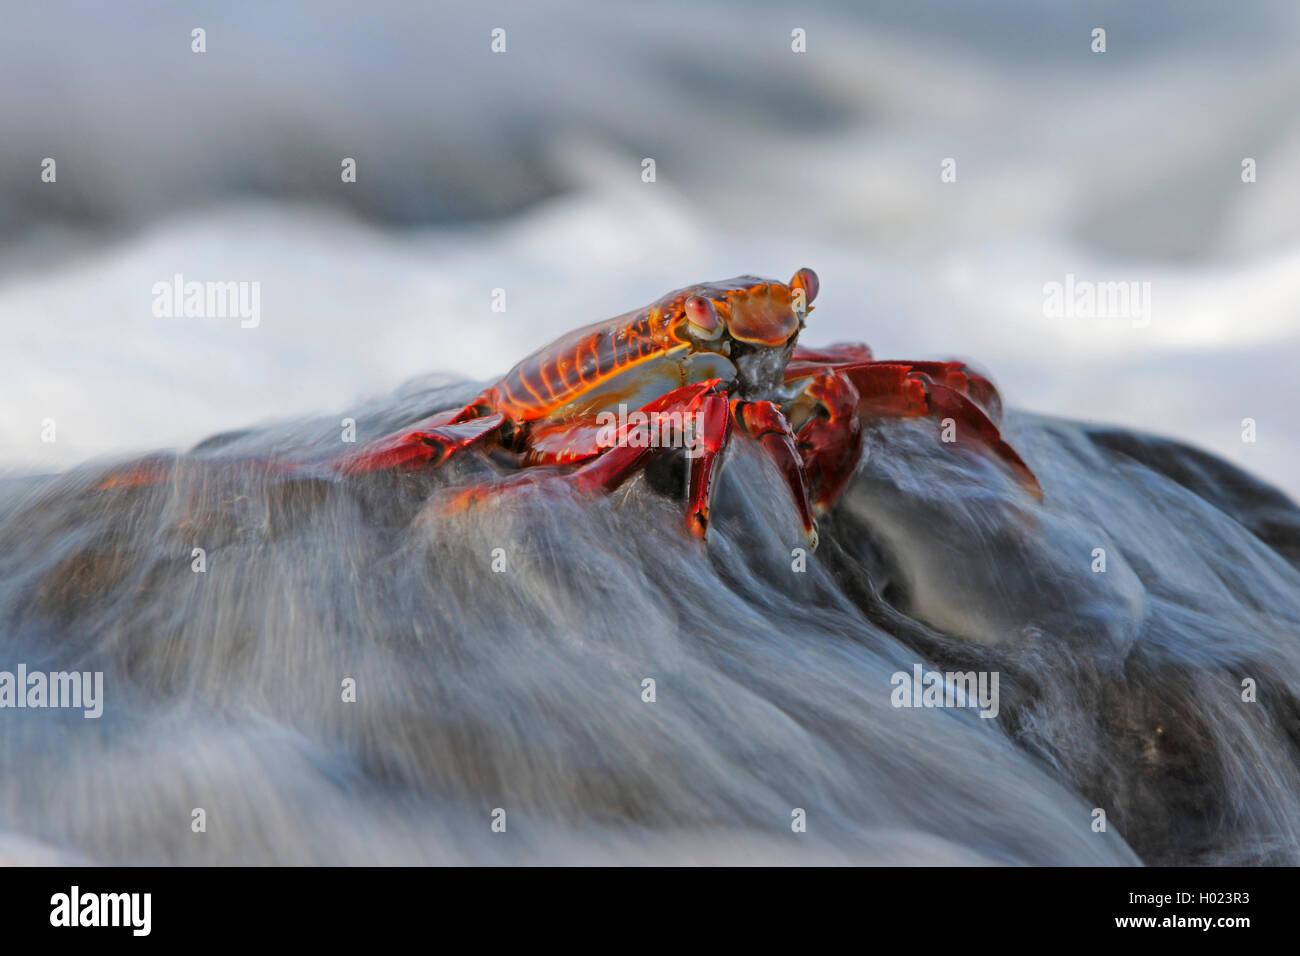 Rote Klippenkrabbe, Rote Klippen-Krabbe, Klippenkrabbe, Klippen-Krabbe, Felsenkrabbe, Felsen-Krabbe, Rote Felsenkrabbe, - Stock Image